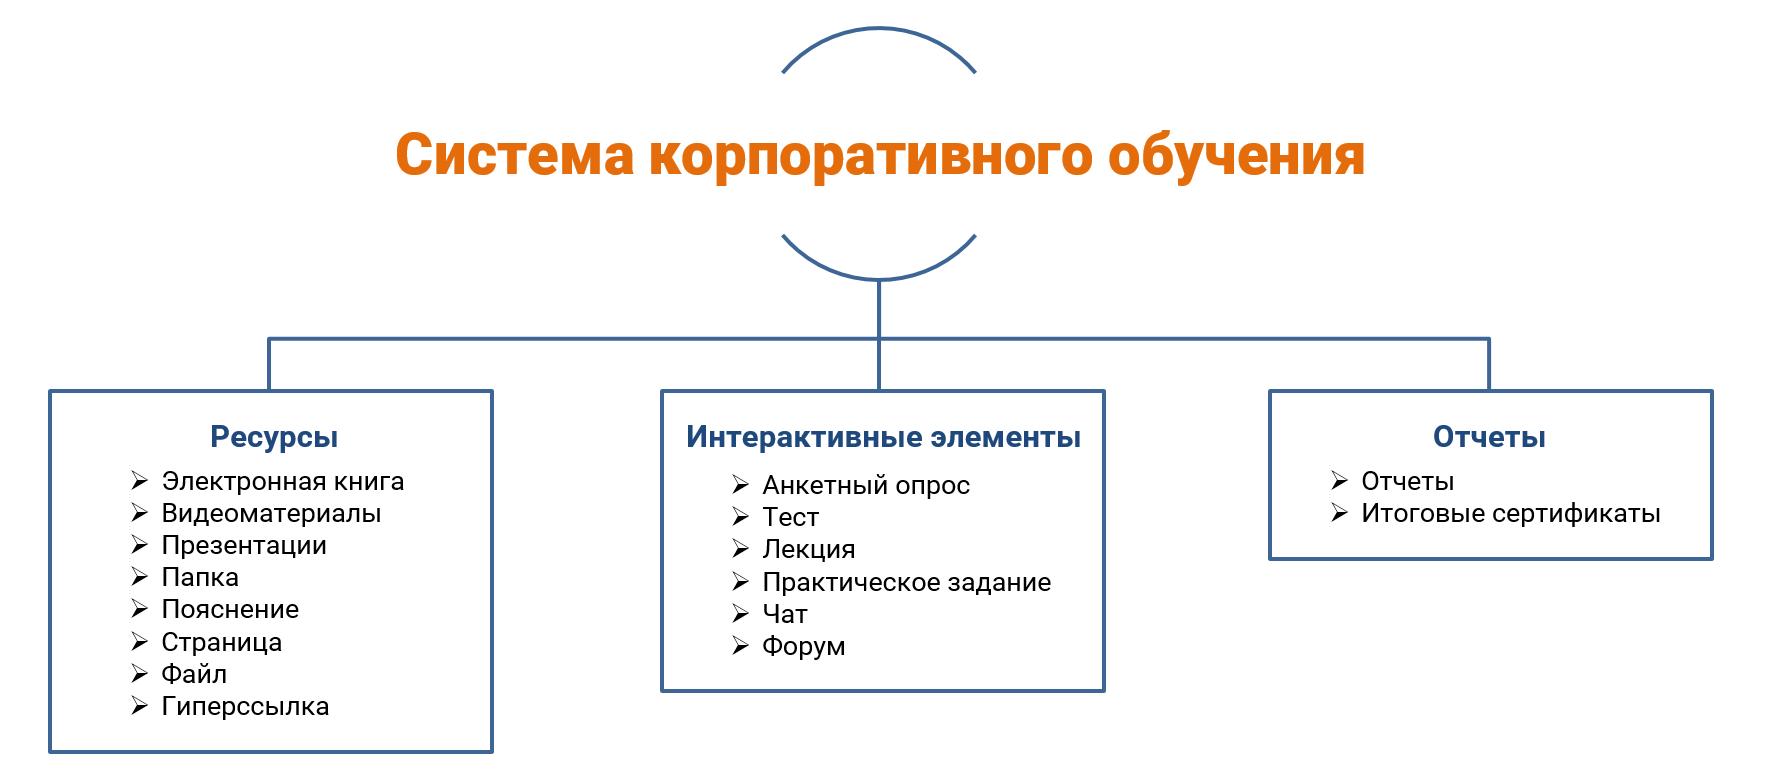 Система корпоративного обучения NTexpert